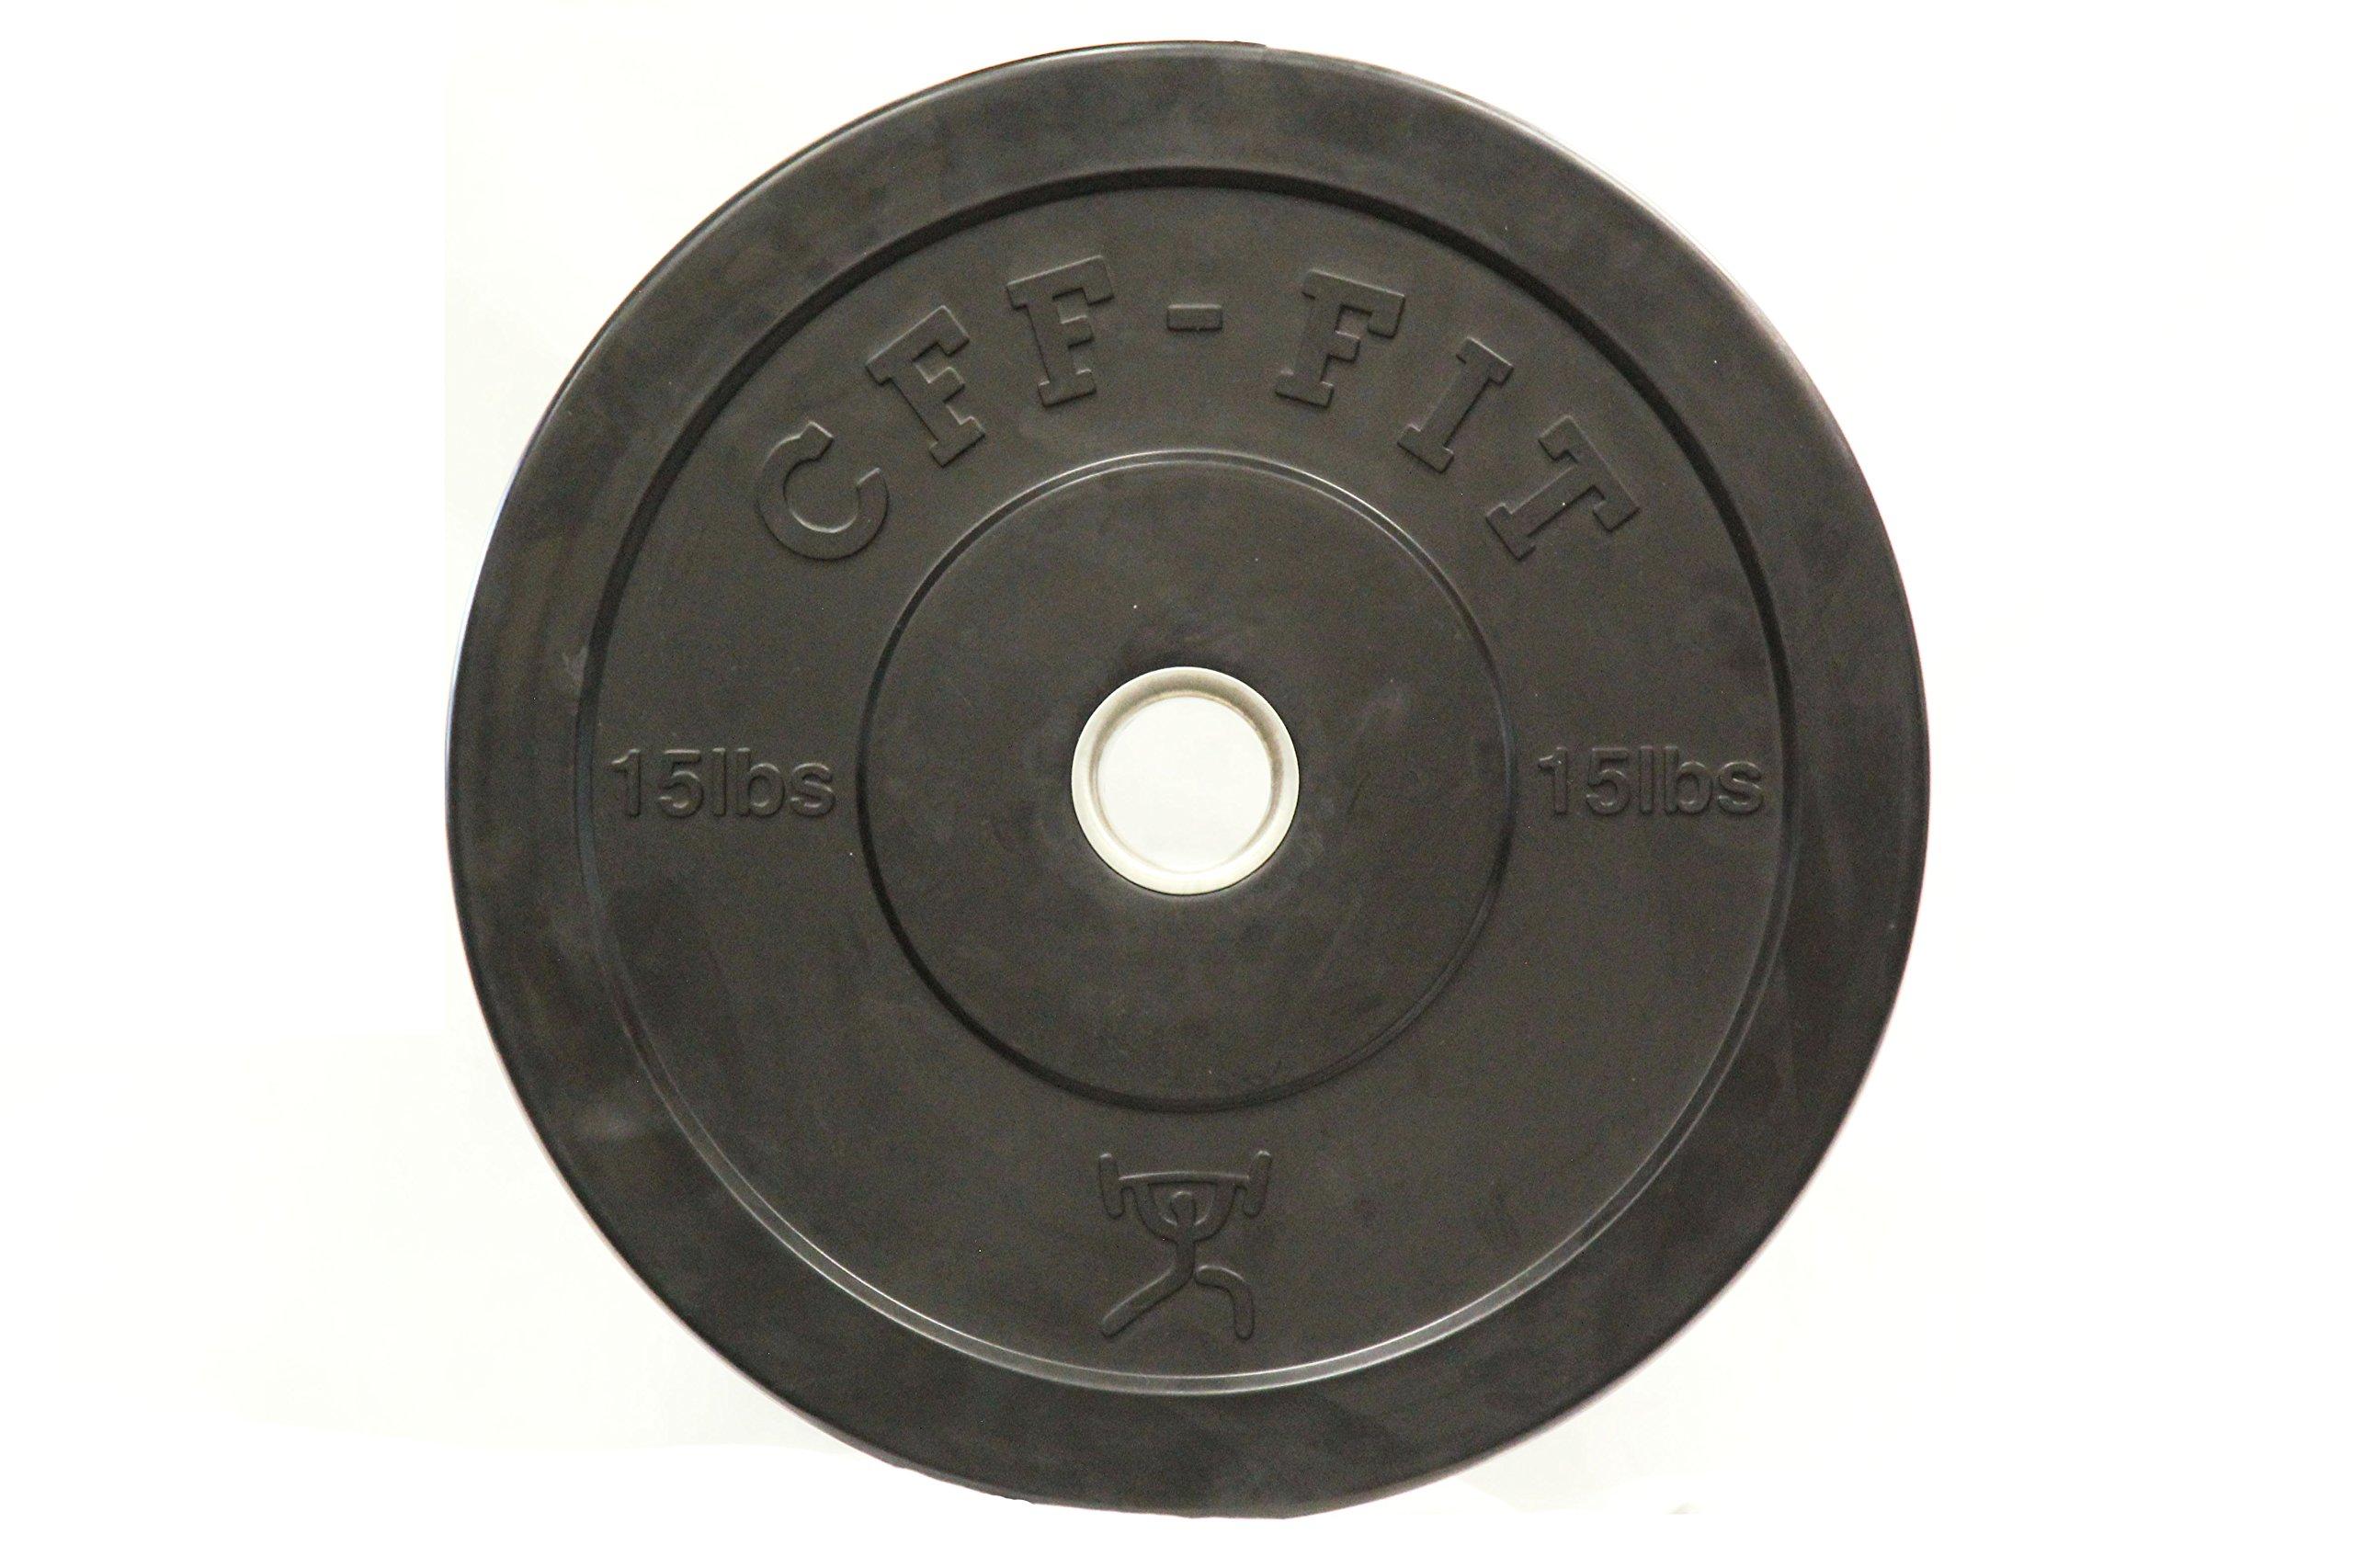 CFF Rubber Bumper Plates, Black, 15 lb